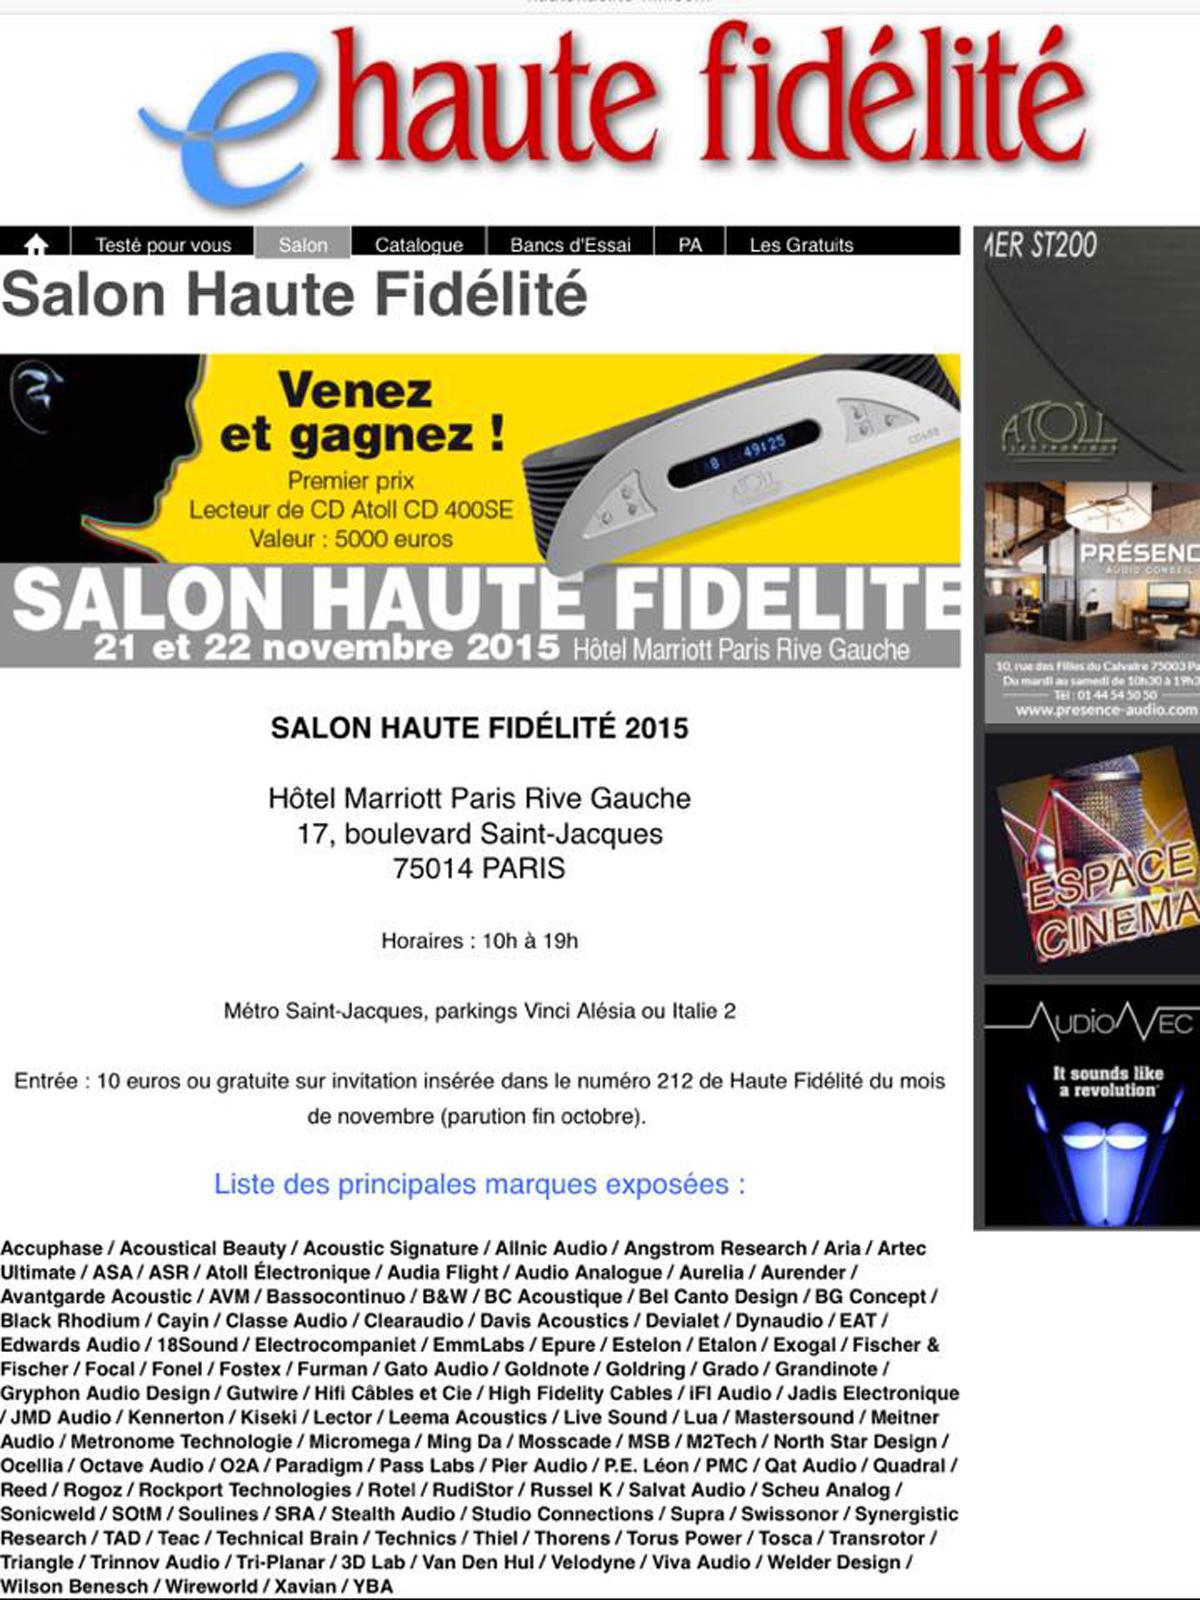 Welder design actus for Haute fidelite